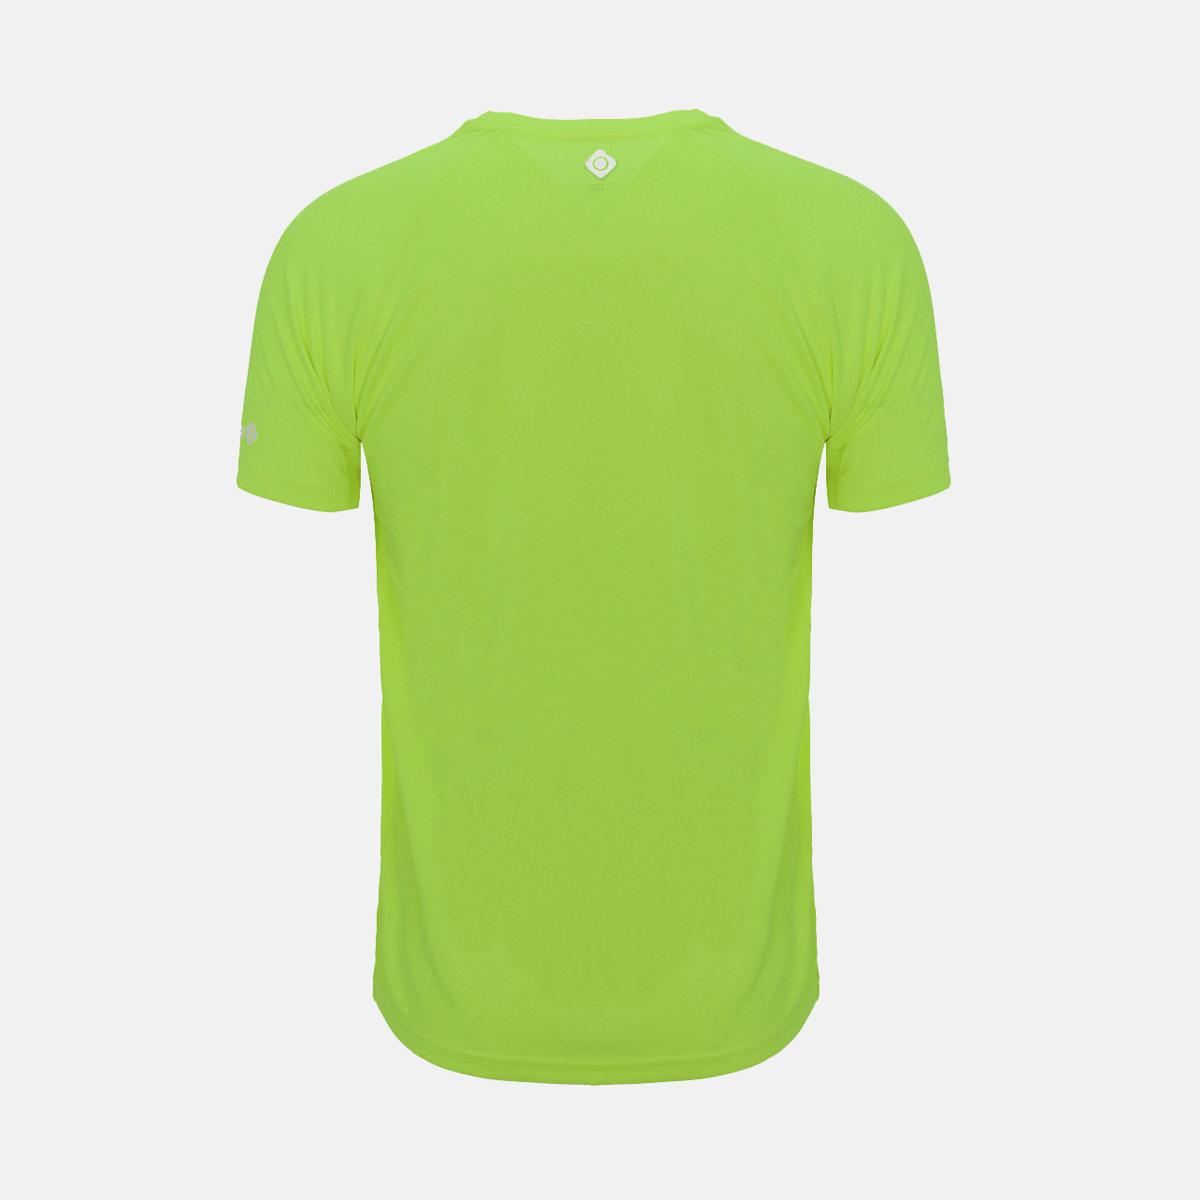 MAN'S CREUS II T-SHIRT GREEN